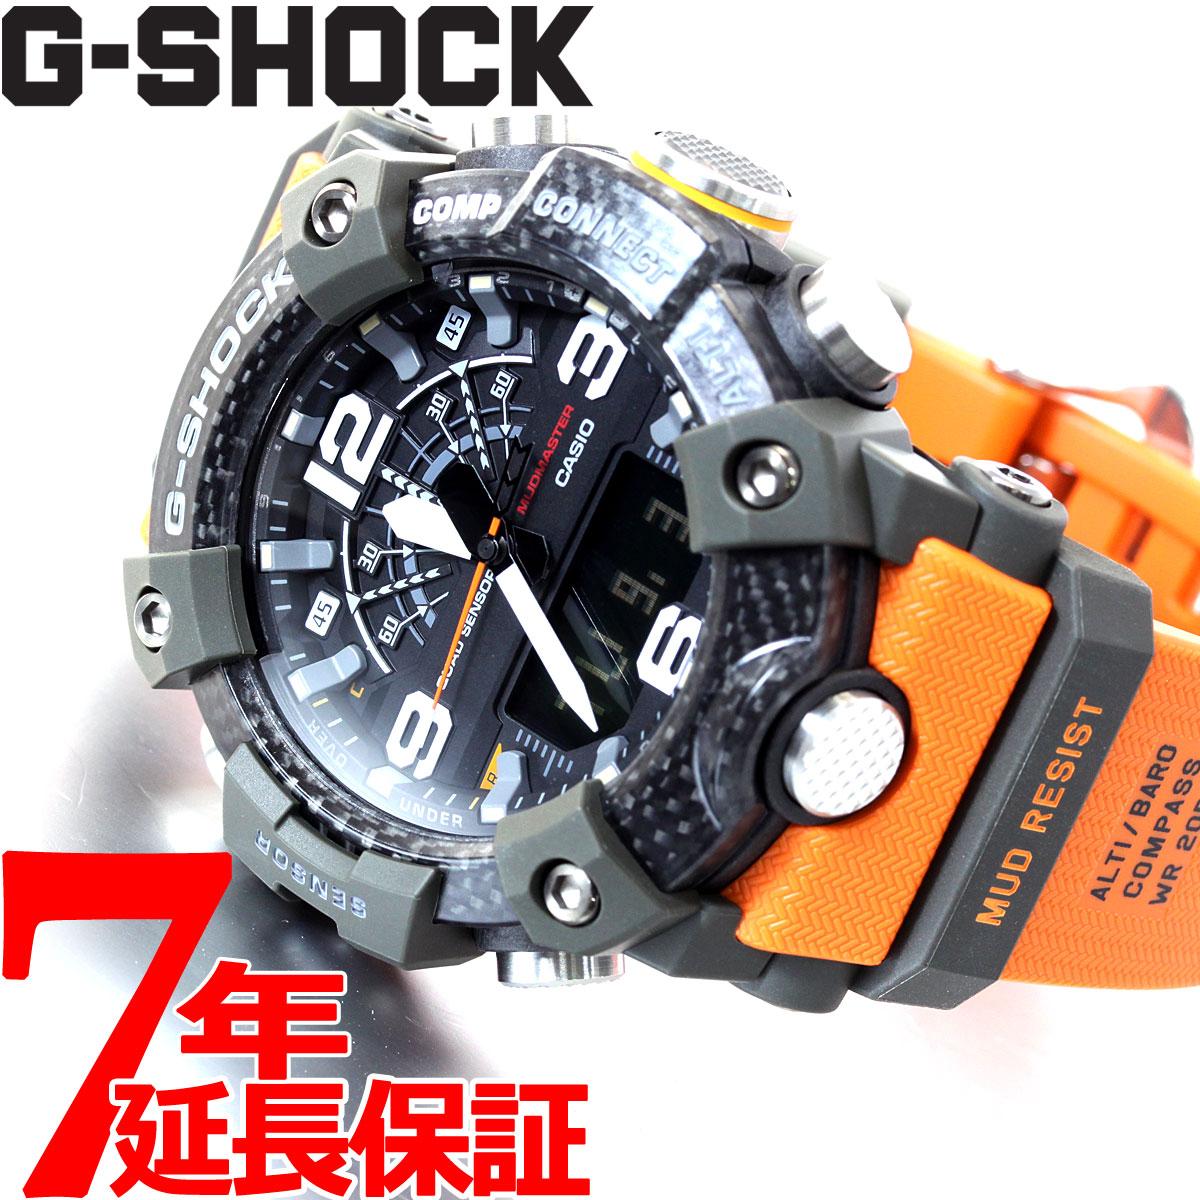 【5日0時~♪2000円OFFクーポン&店内ポイント最大51倍!5日23時59分まで】G-SHOCK カシオ Gショック マッドマスター CASIO 腕時計 メンズ MASTER OF G GG-B100-1A9JF